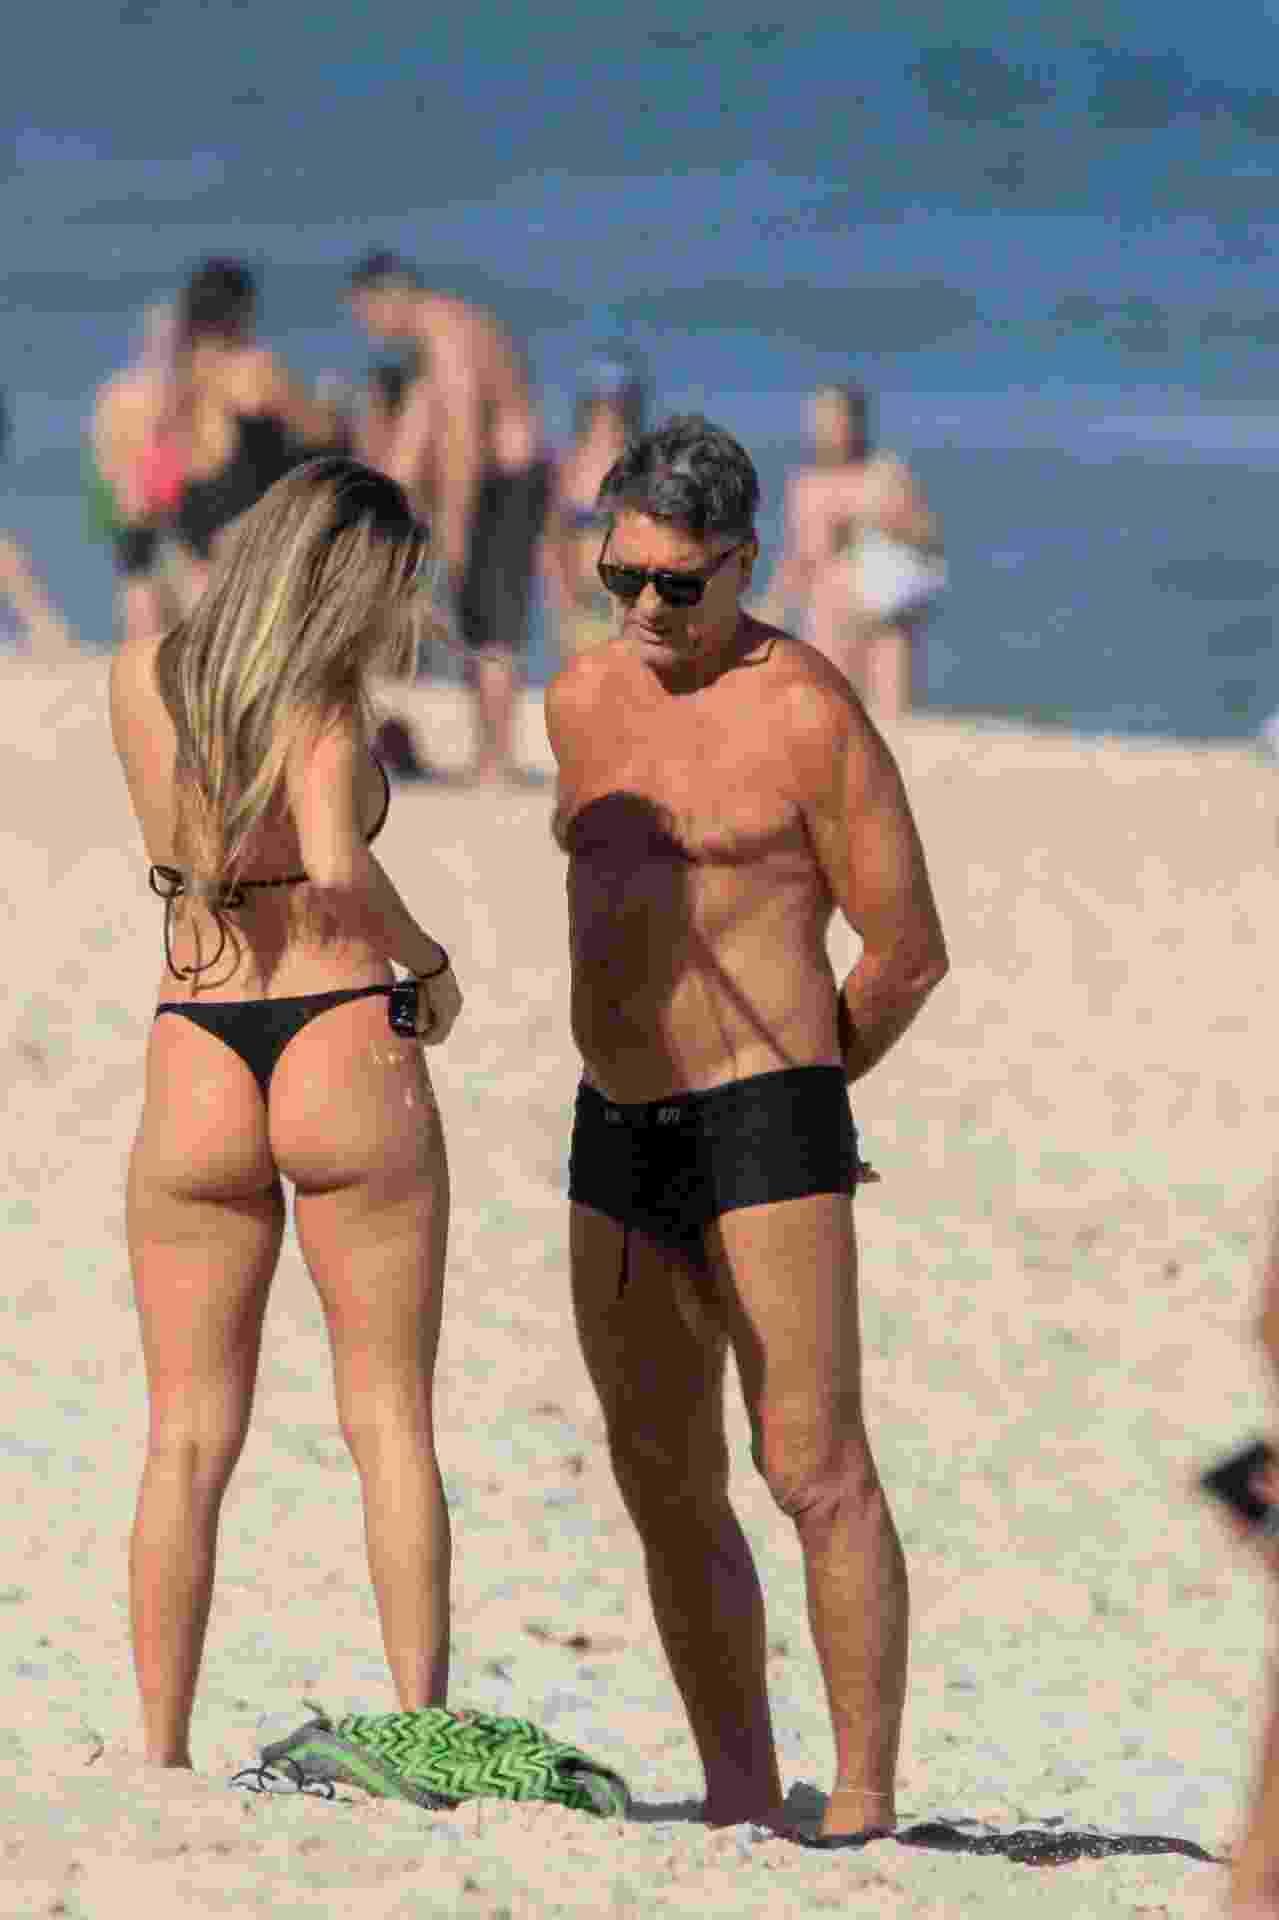 O técnico do Grêmio, Renato Gaúcho, e a filha Carol Portaluppi aproveitaram o dia de sol no Rio para pegar um bronze na praia - JC PEREIRA AGNEWS / AgNews